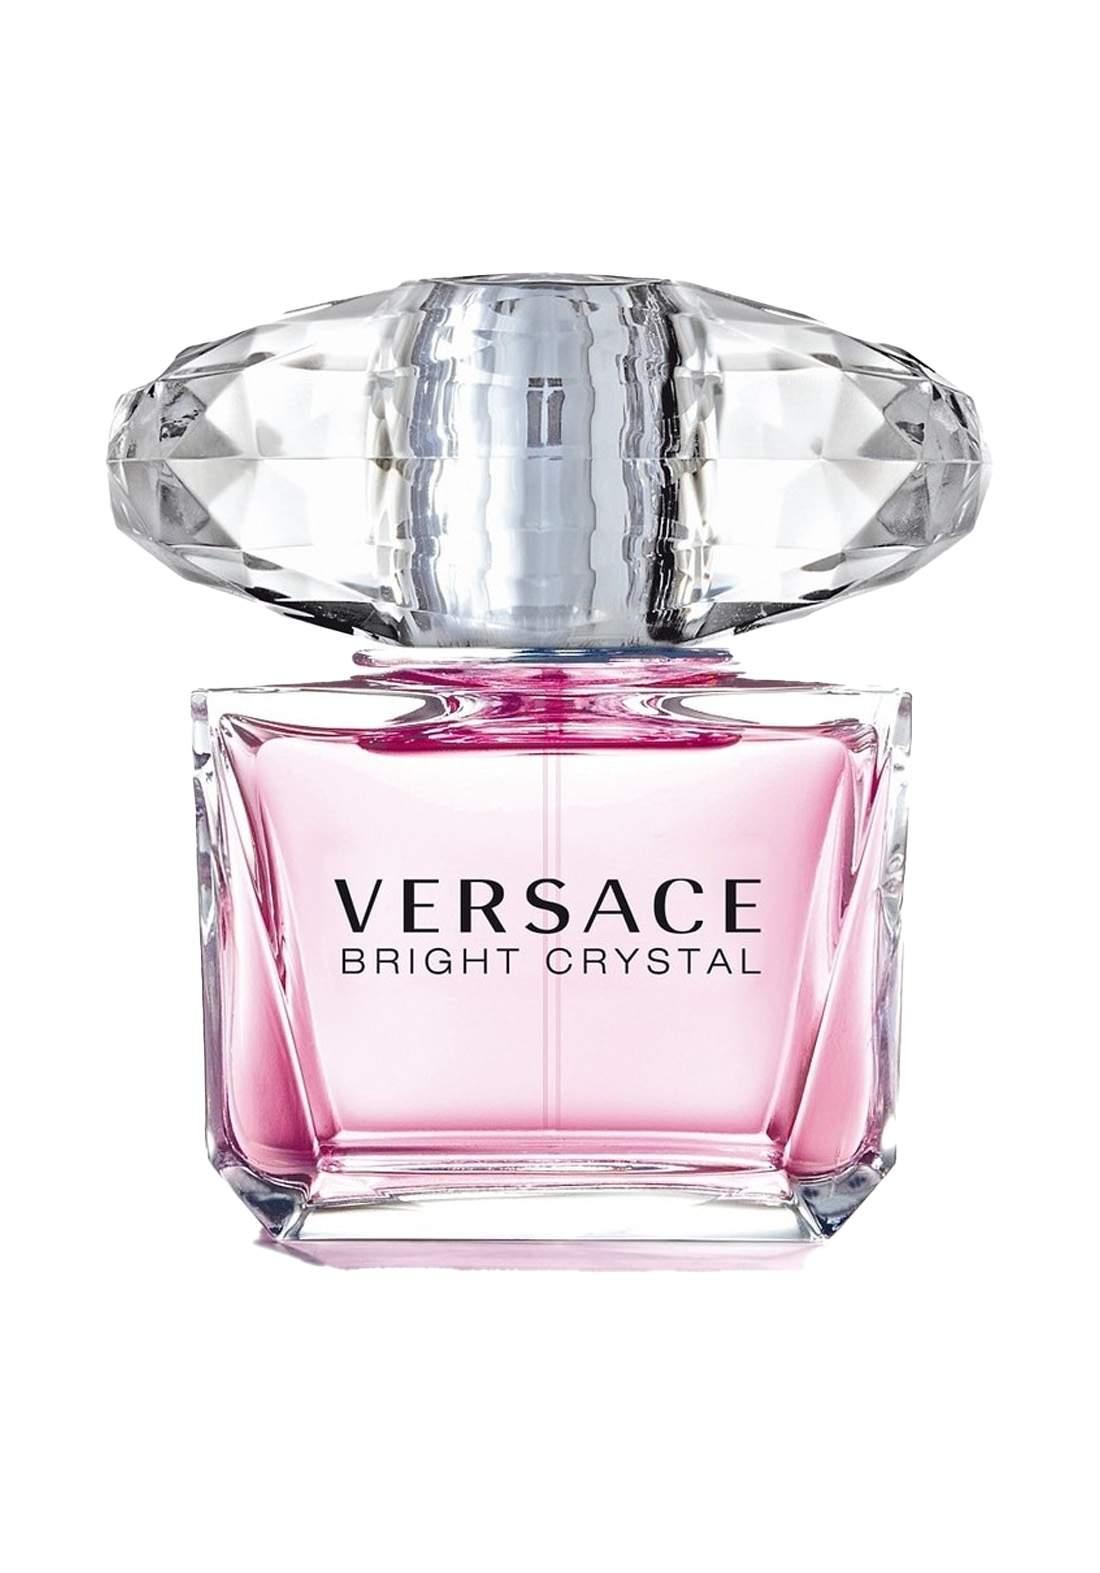 Versace Bright Crystal  for Women Eau de Toilette- 90ml عطر نسائي